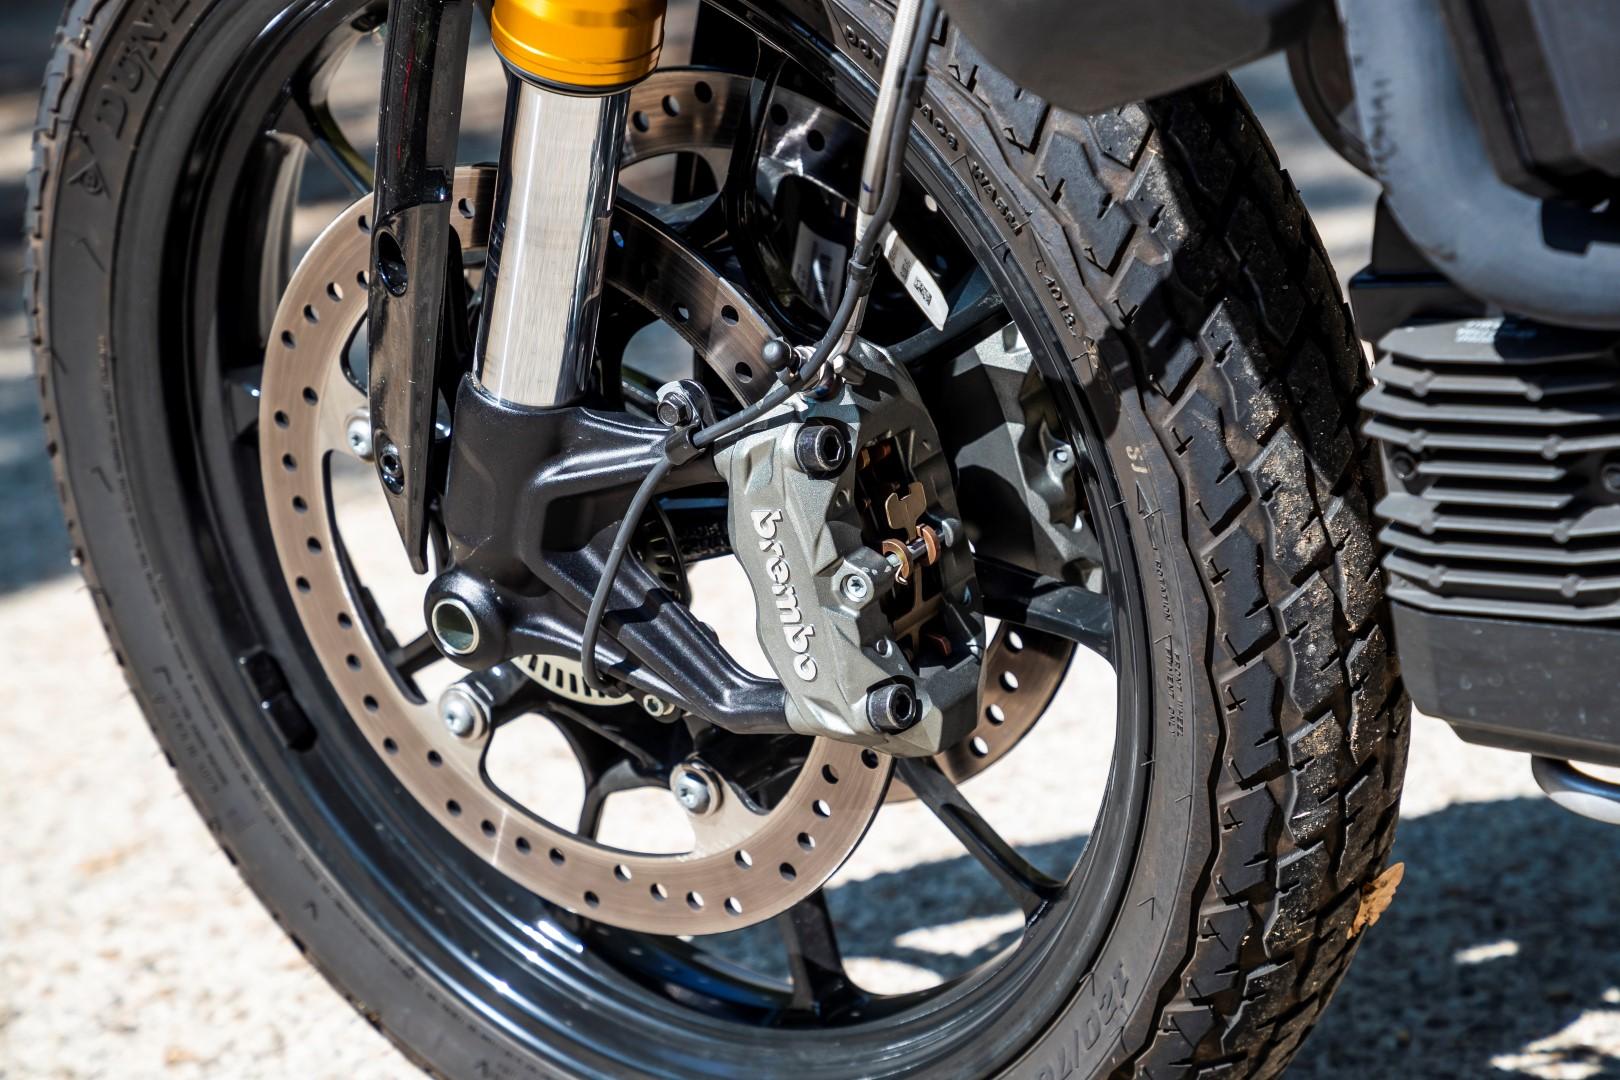 El tren delantero incluye una horquilla invertida de buen diámetro y pinzas Brembo de anclaje radial, que forman un buen conjunto. Los neumáticos son los Dunlop DT3-R, que son los que se usan en las carreras de flat track americanas, y que en esta versión homologada para la carretera tienen el mismo dibujo.